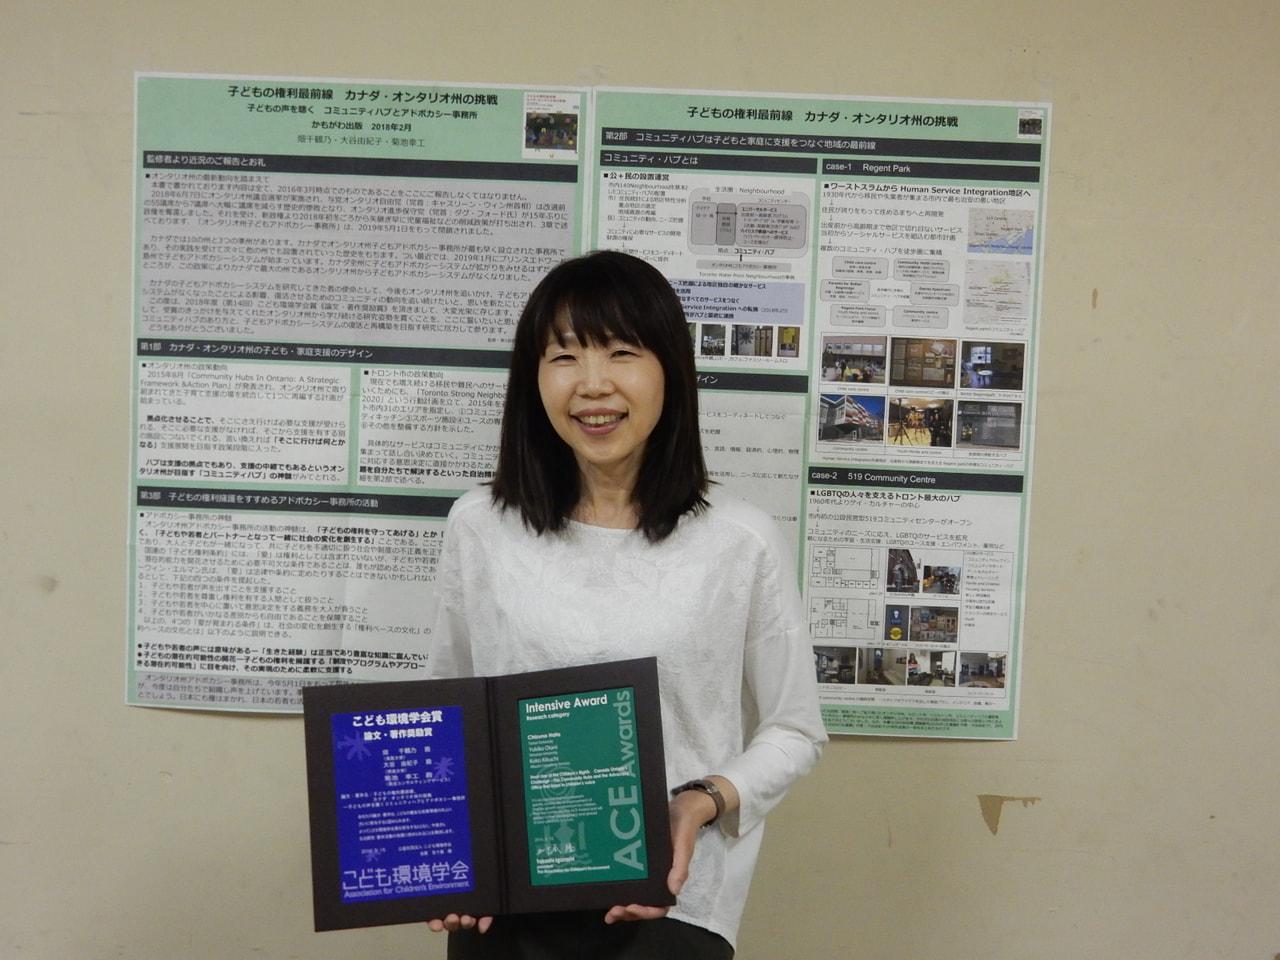 大谷先生が『こども環境学会賞 論文・著作奨励賞』を受賞しました